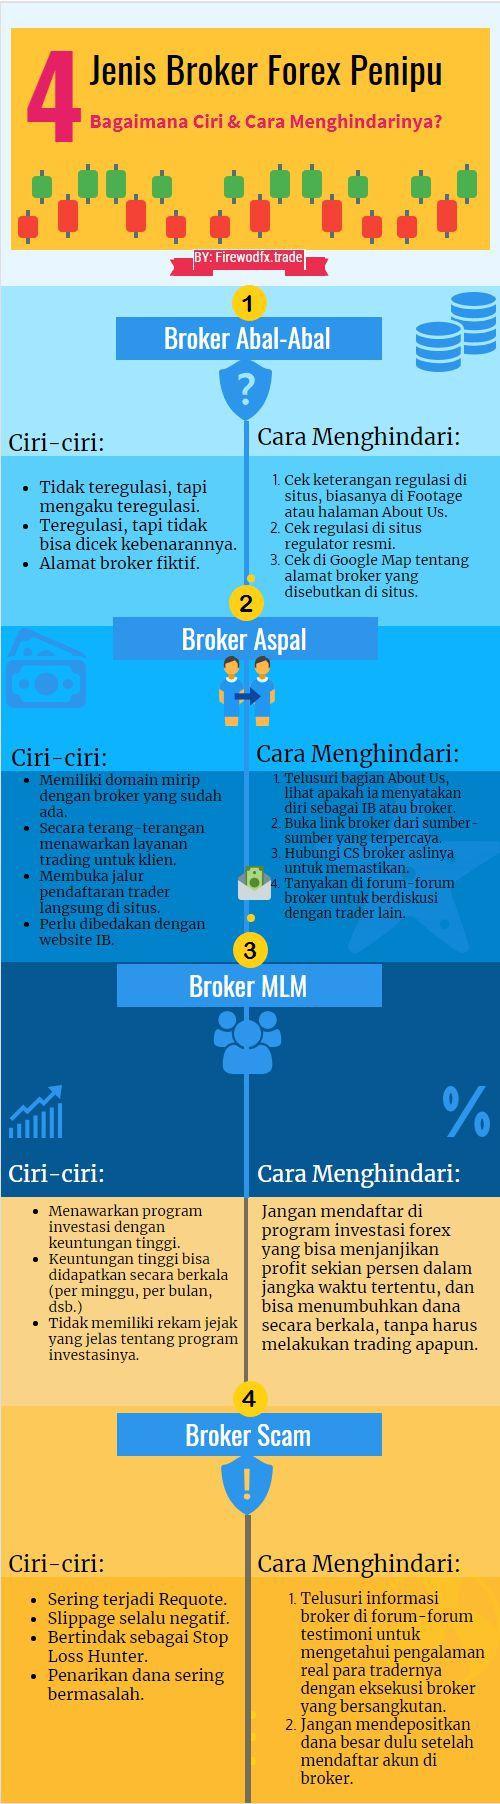 Broker forex yang boleh dipercayai